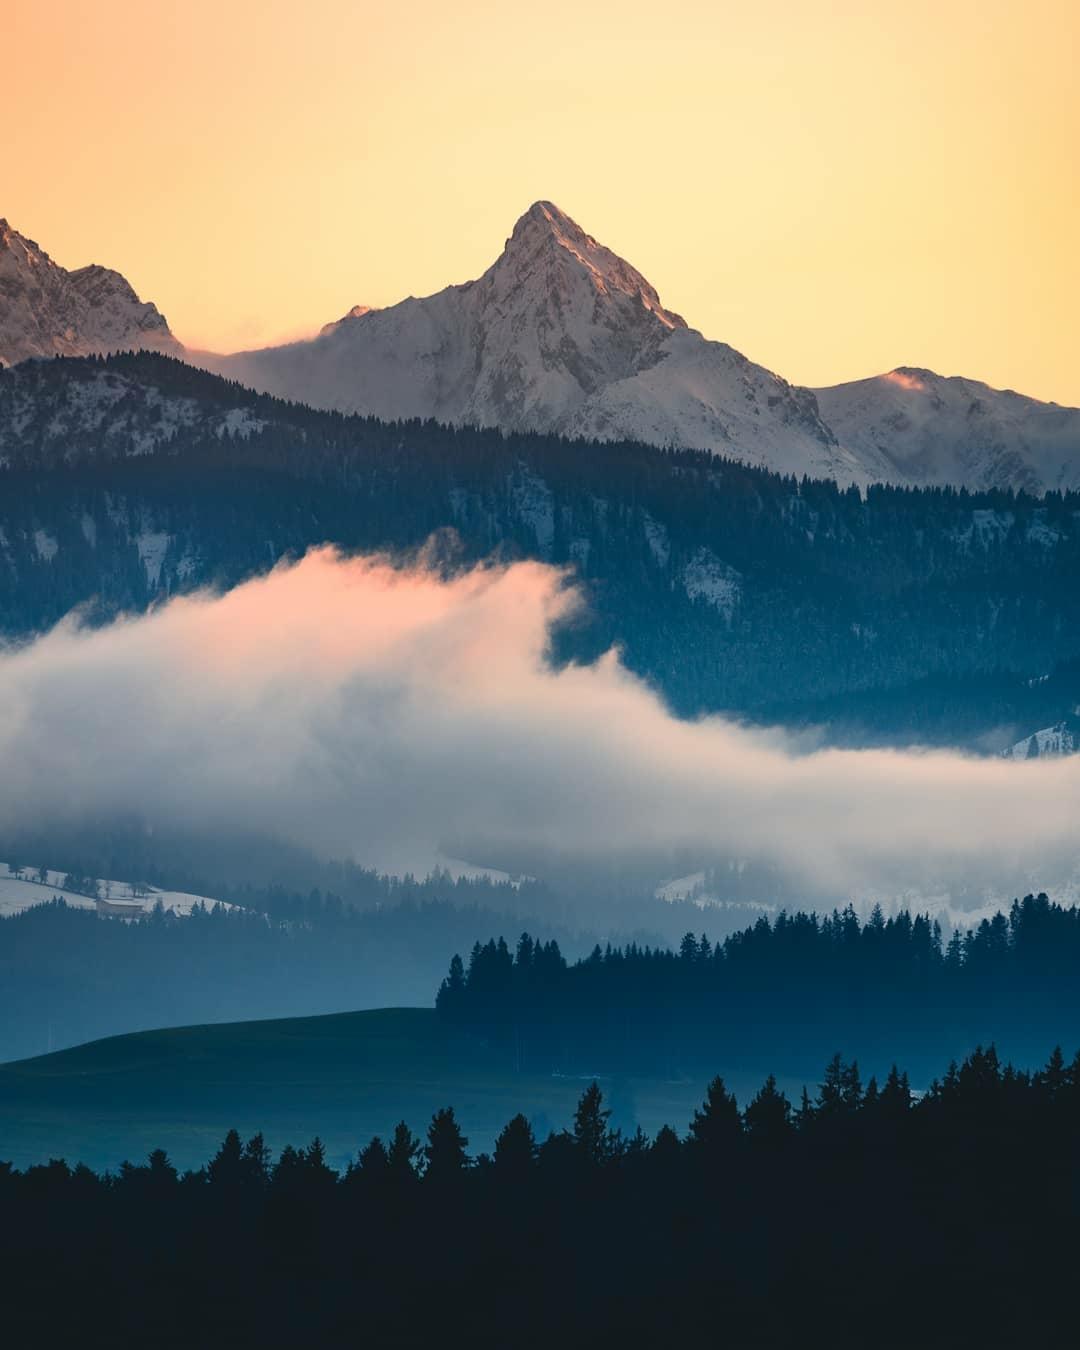 misty mountain scene